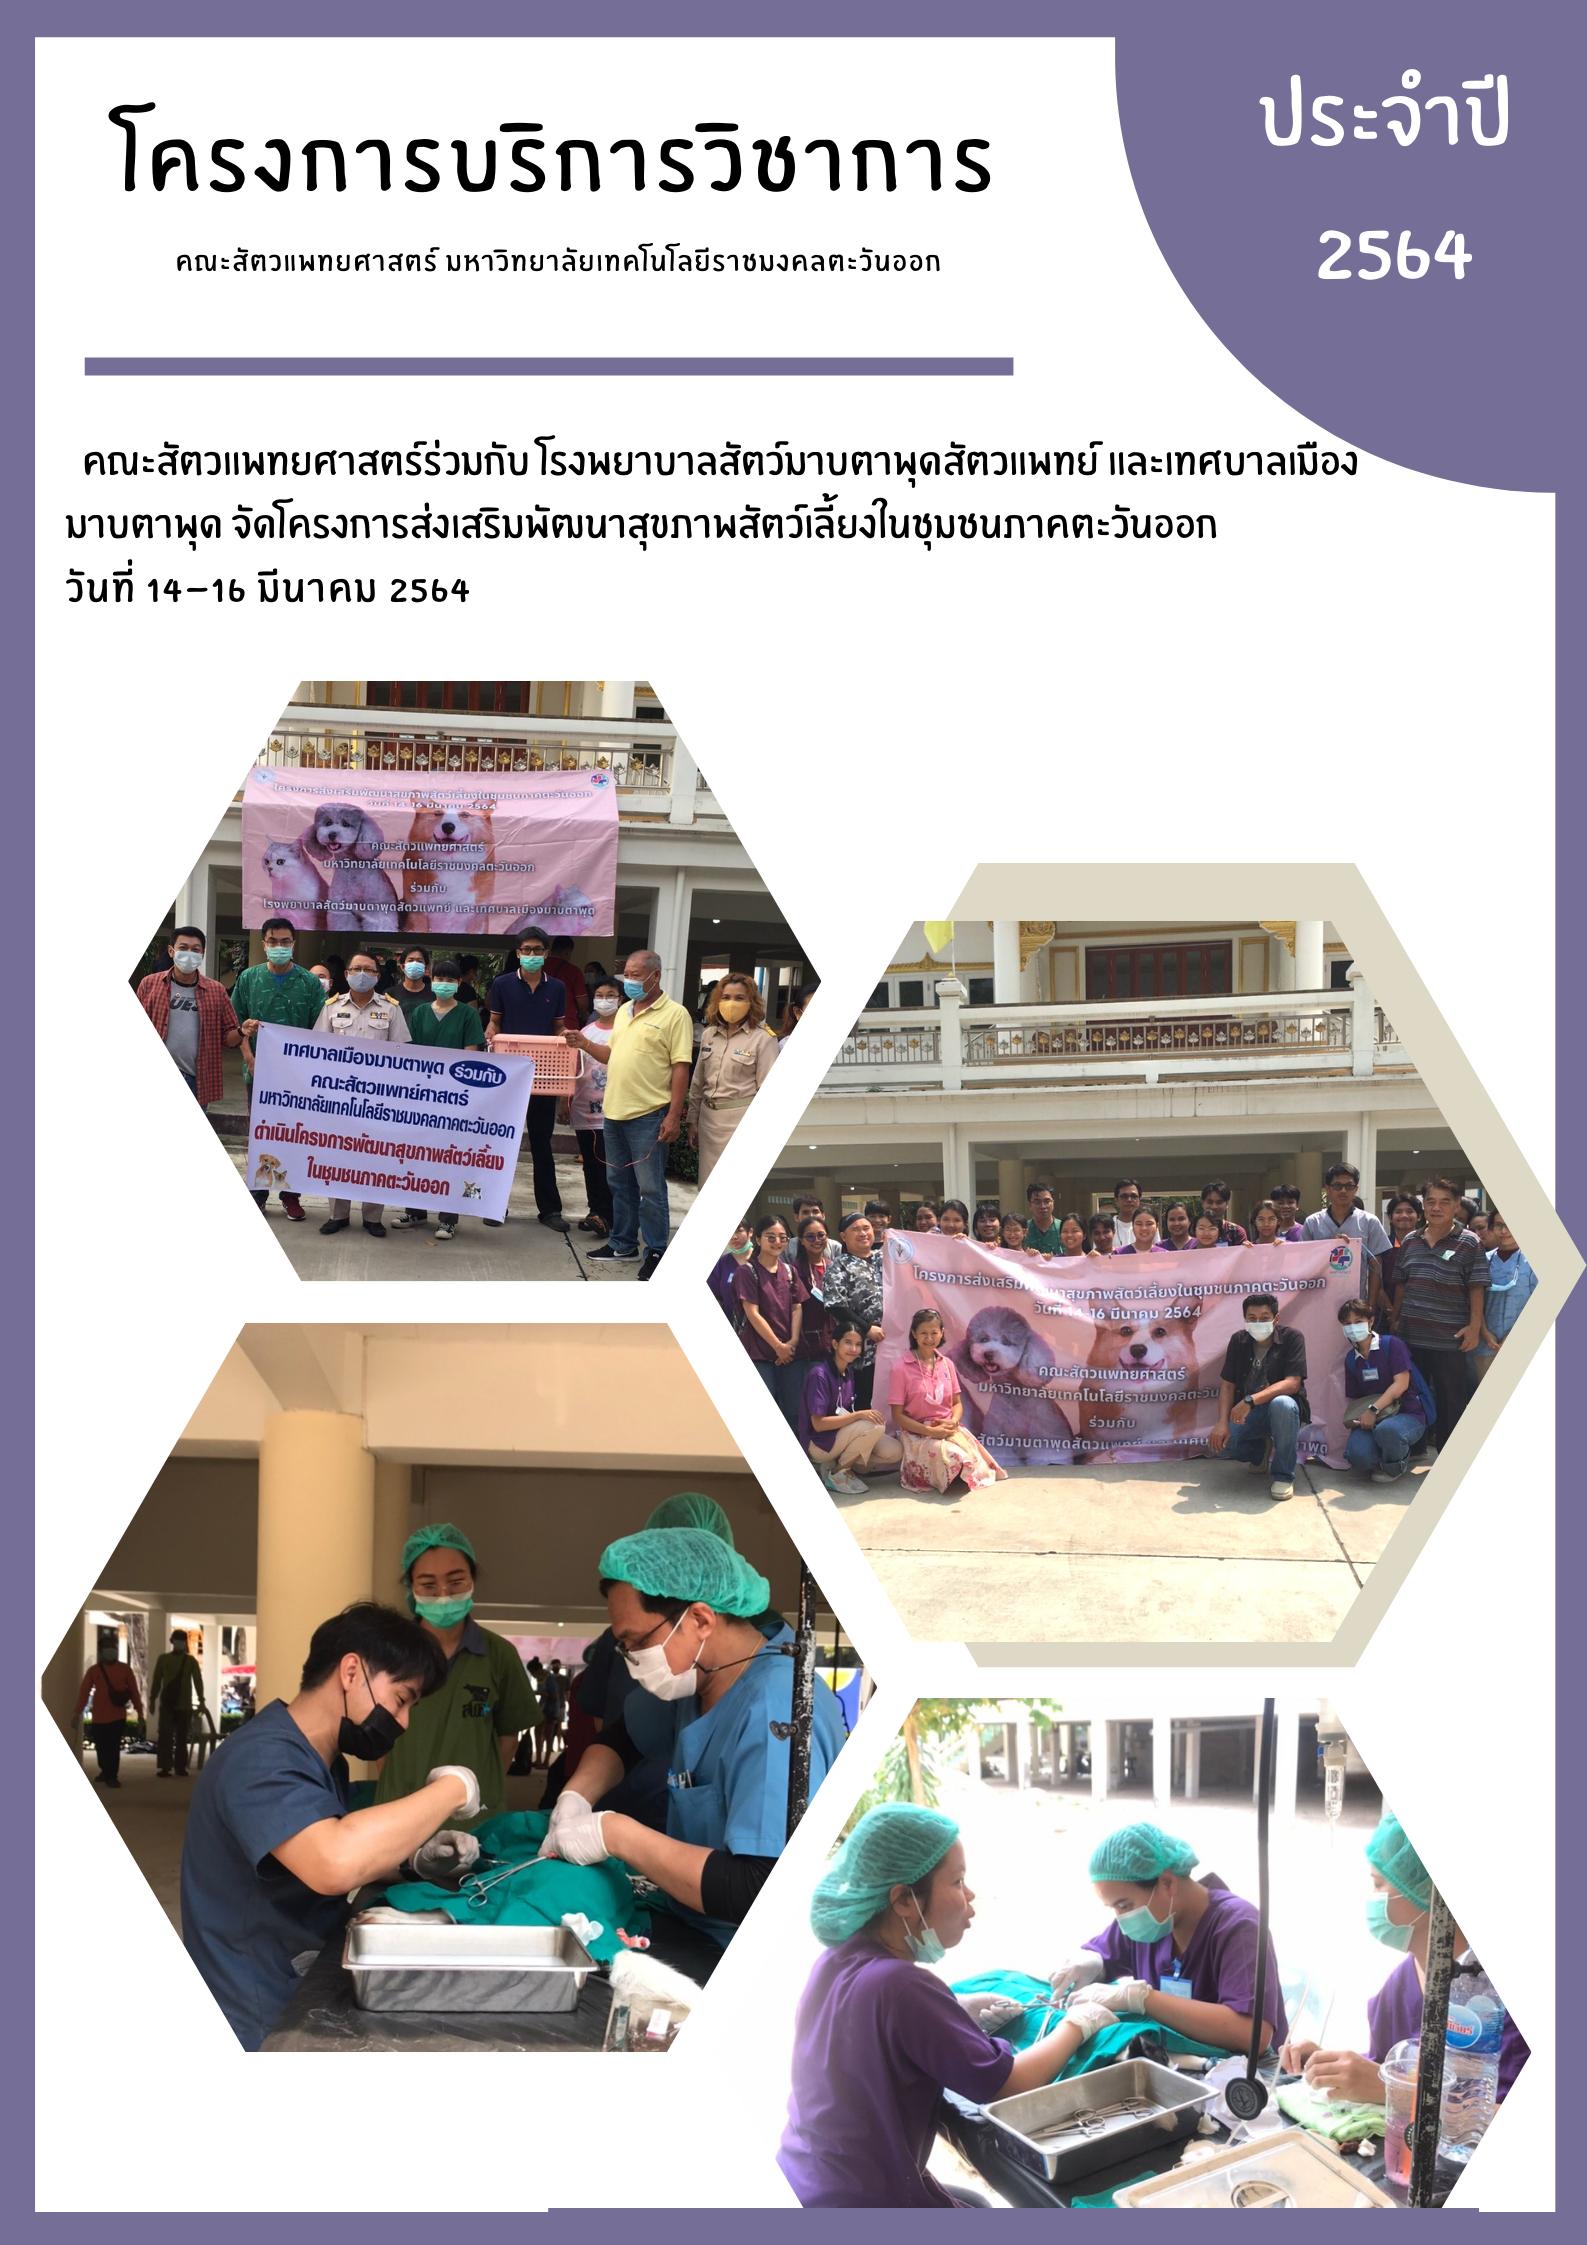 โครงการบริการวิชาการ (ส่งเสริมพัฒนาสุขภาพสัตว์เลี้ยง) ประจำปี 2564